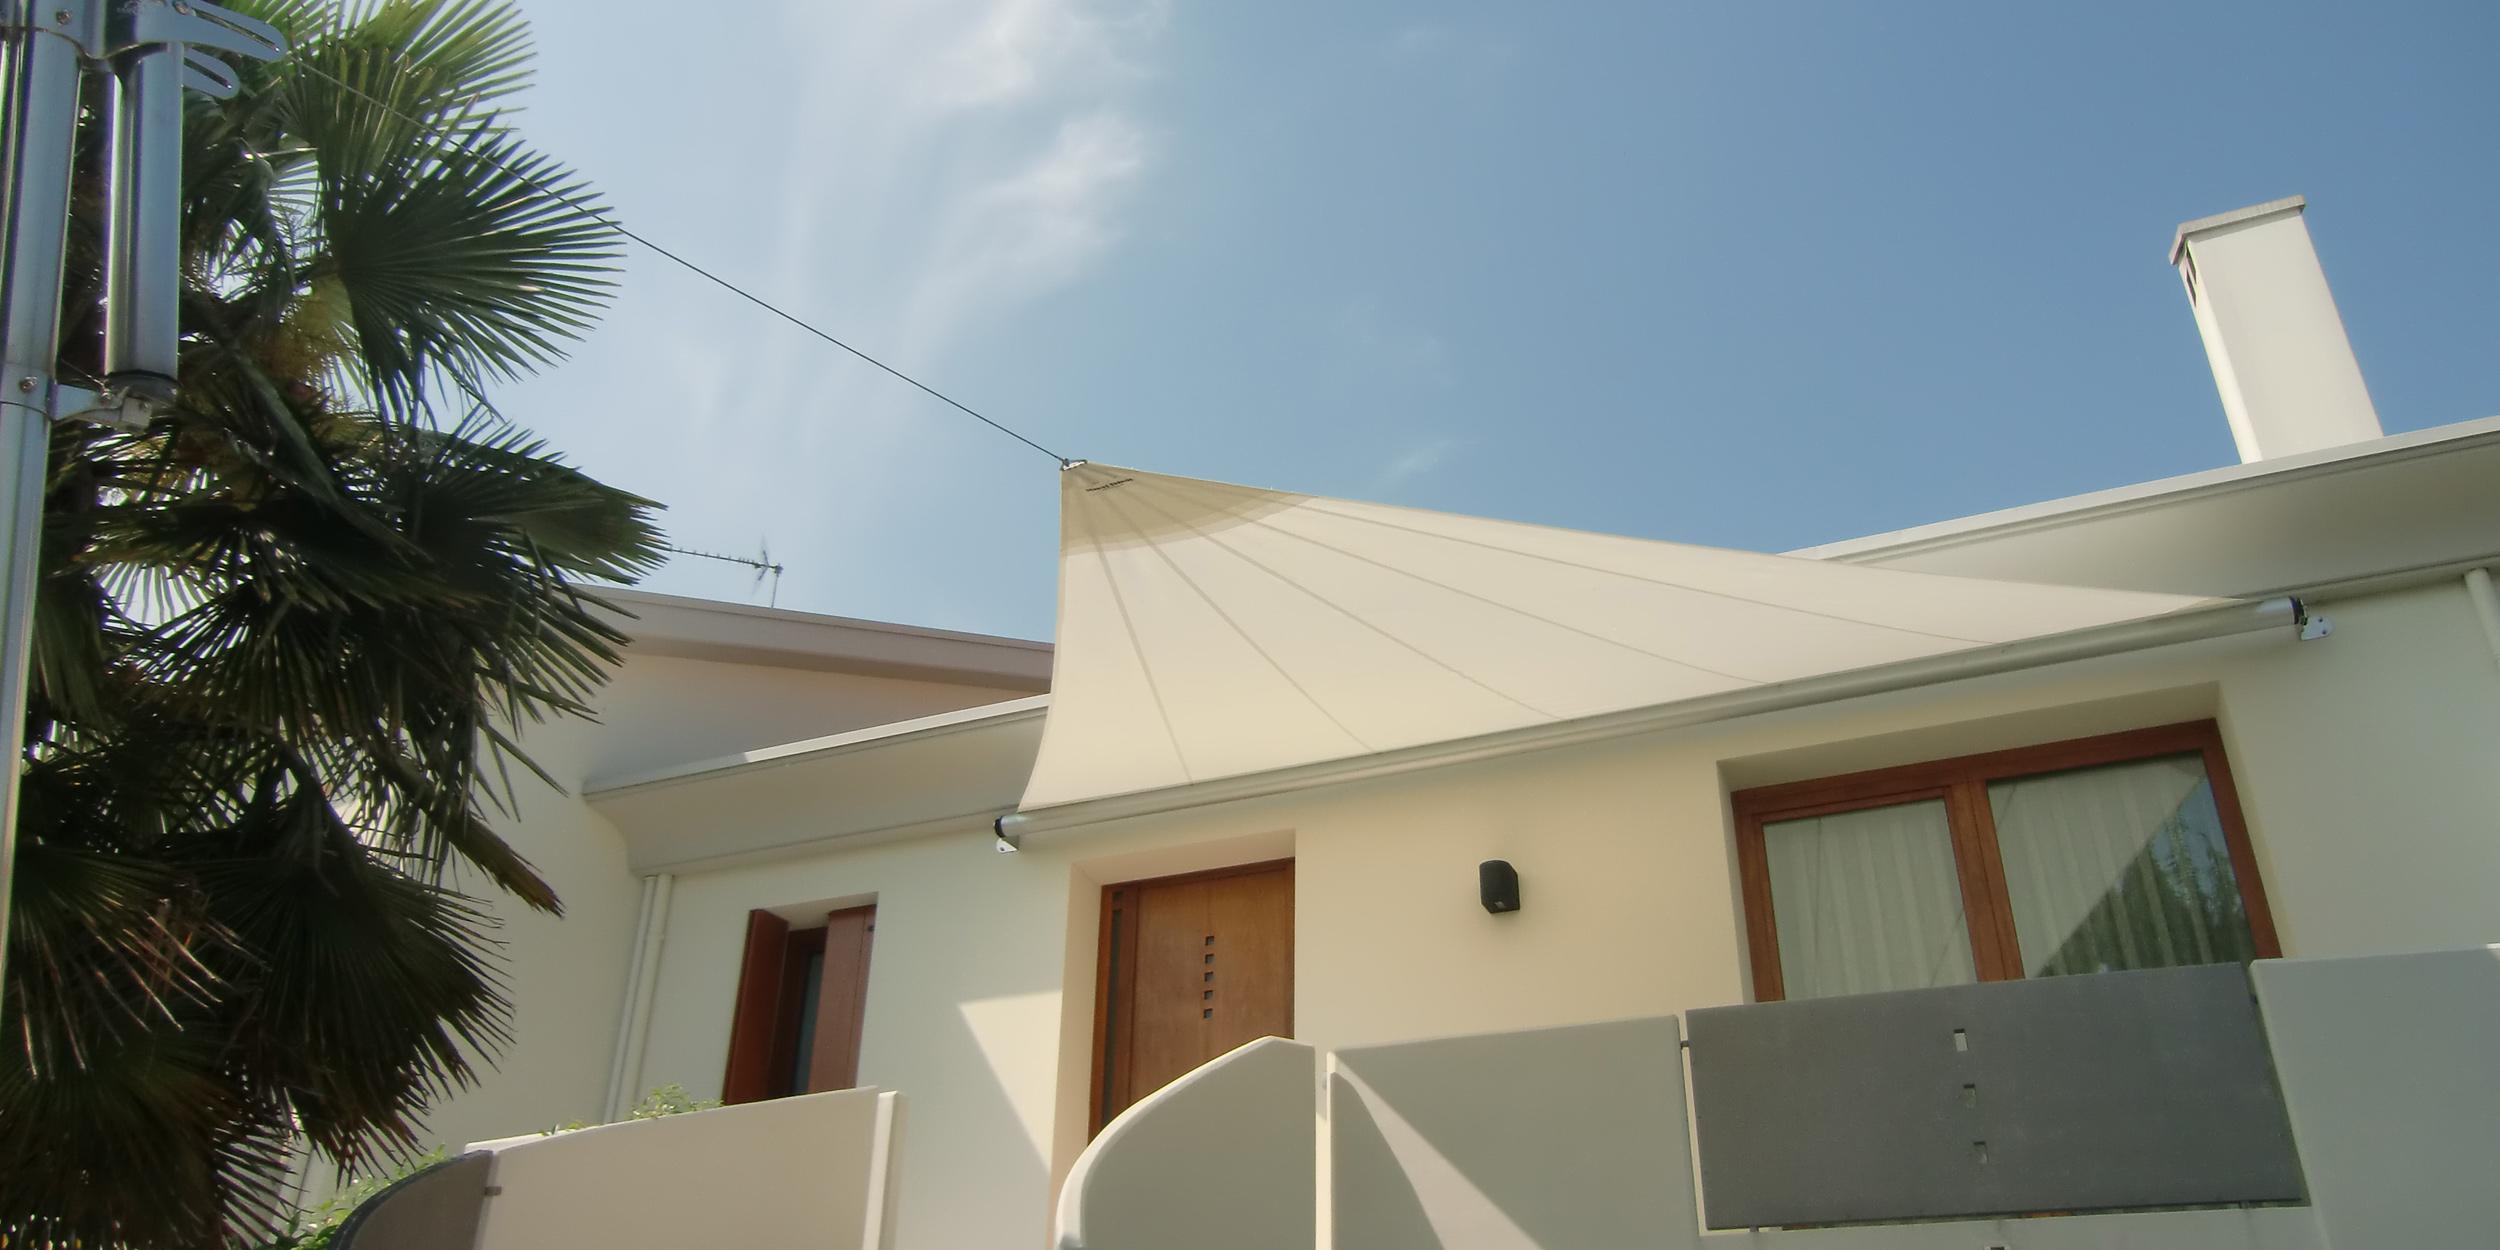 Vela Triangolare Da Giardino sails s5 - vela ombreggiante triangolare con 1 albero